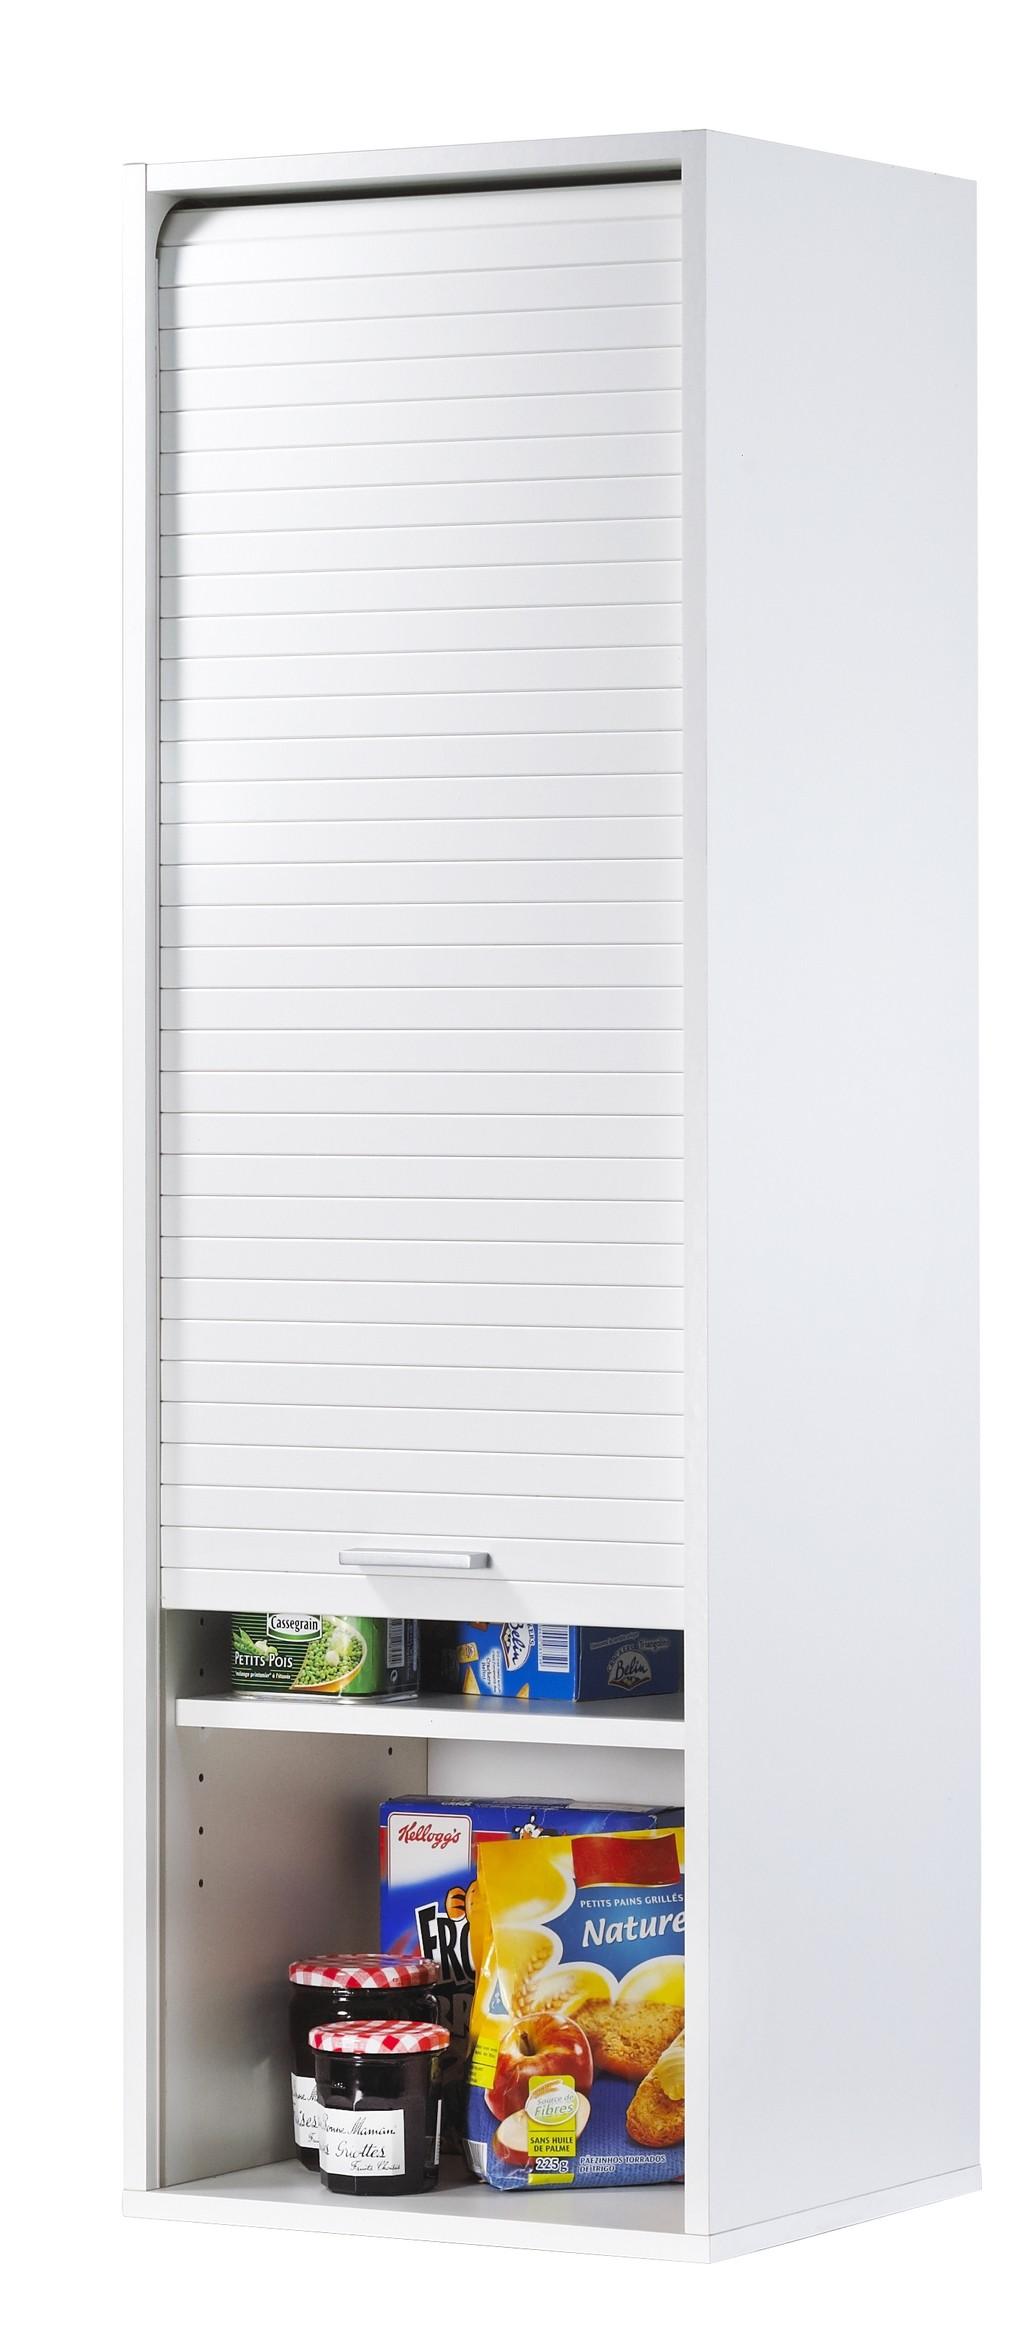 Armoire a rideau coulissant 49321 armoire id es for Element de cuisine blanc